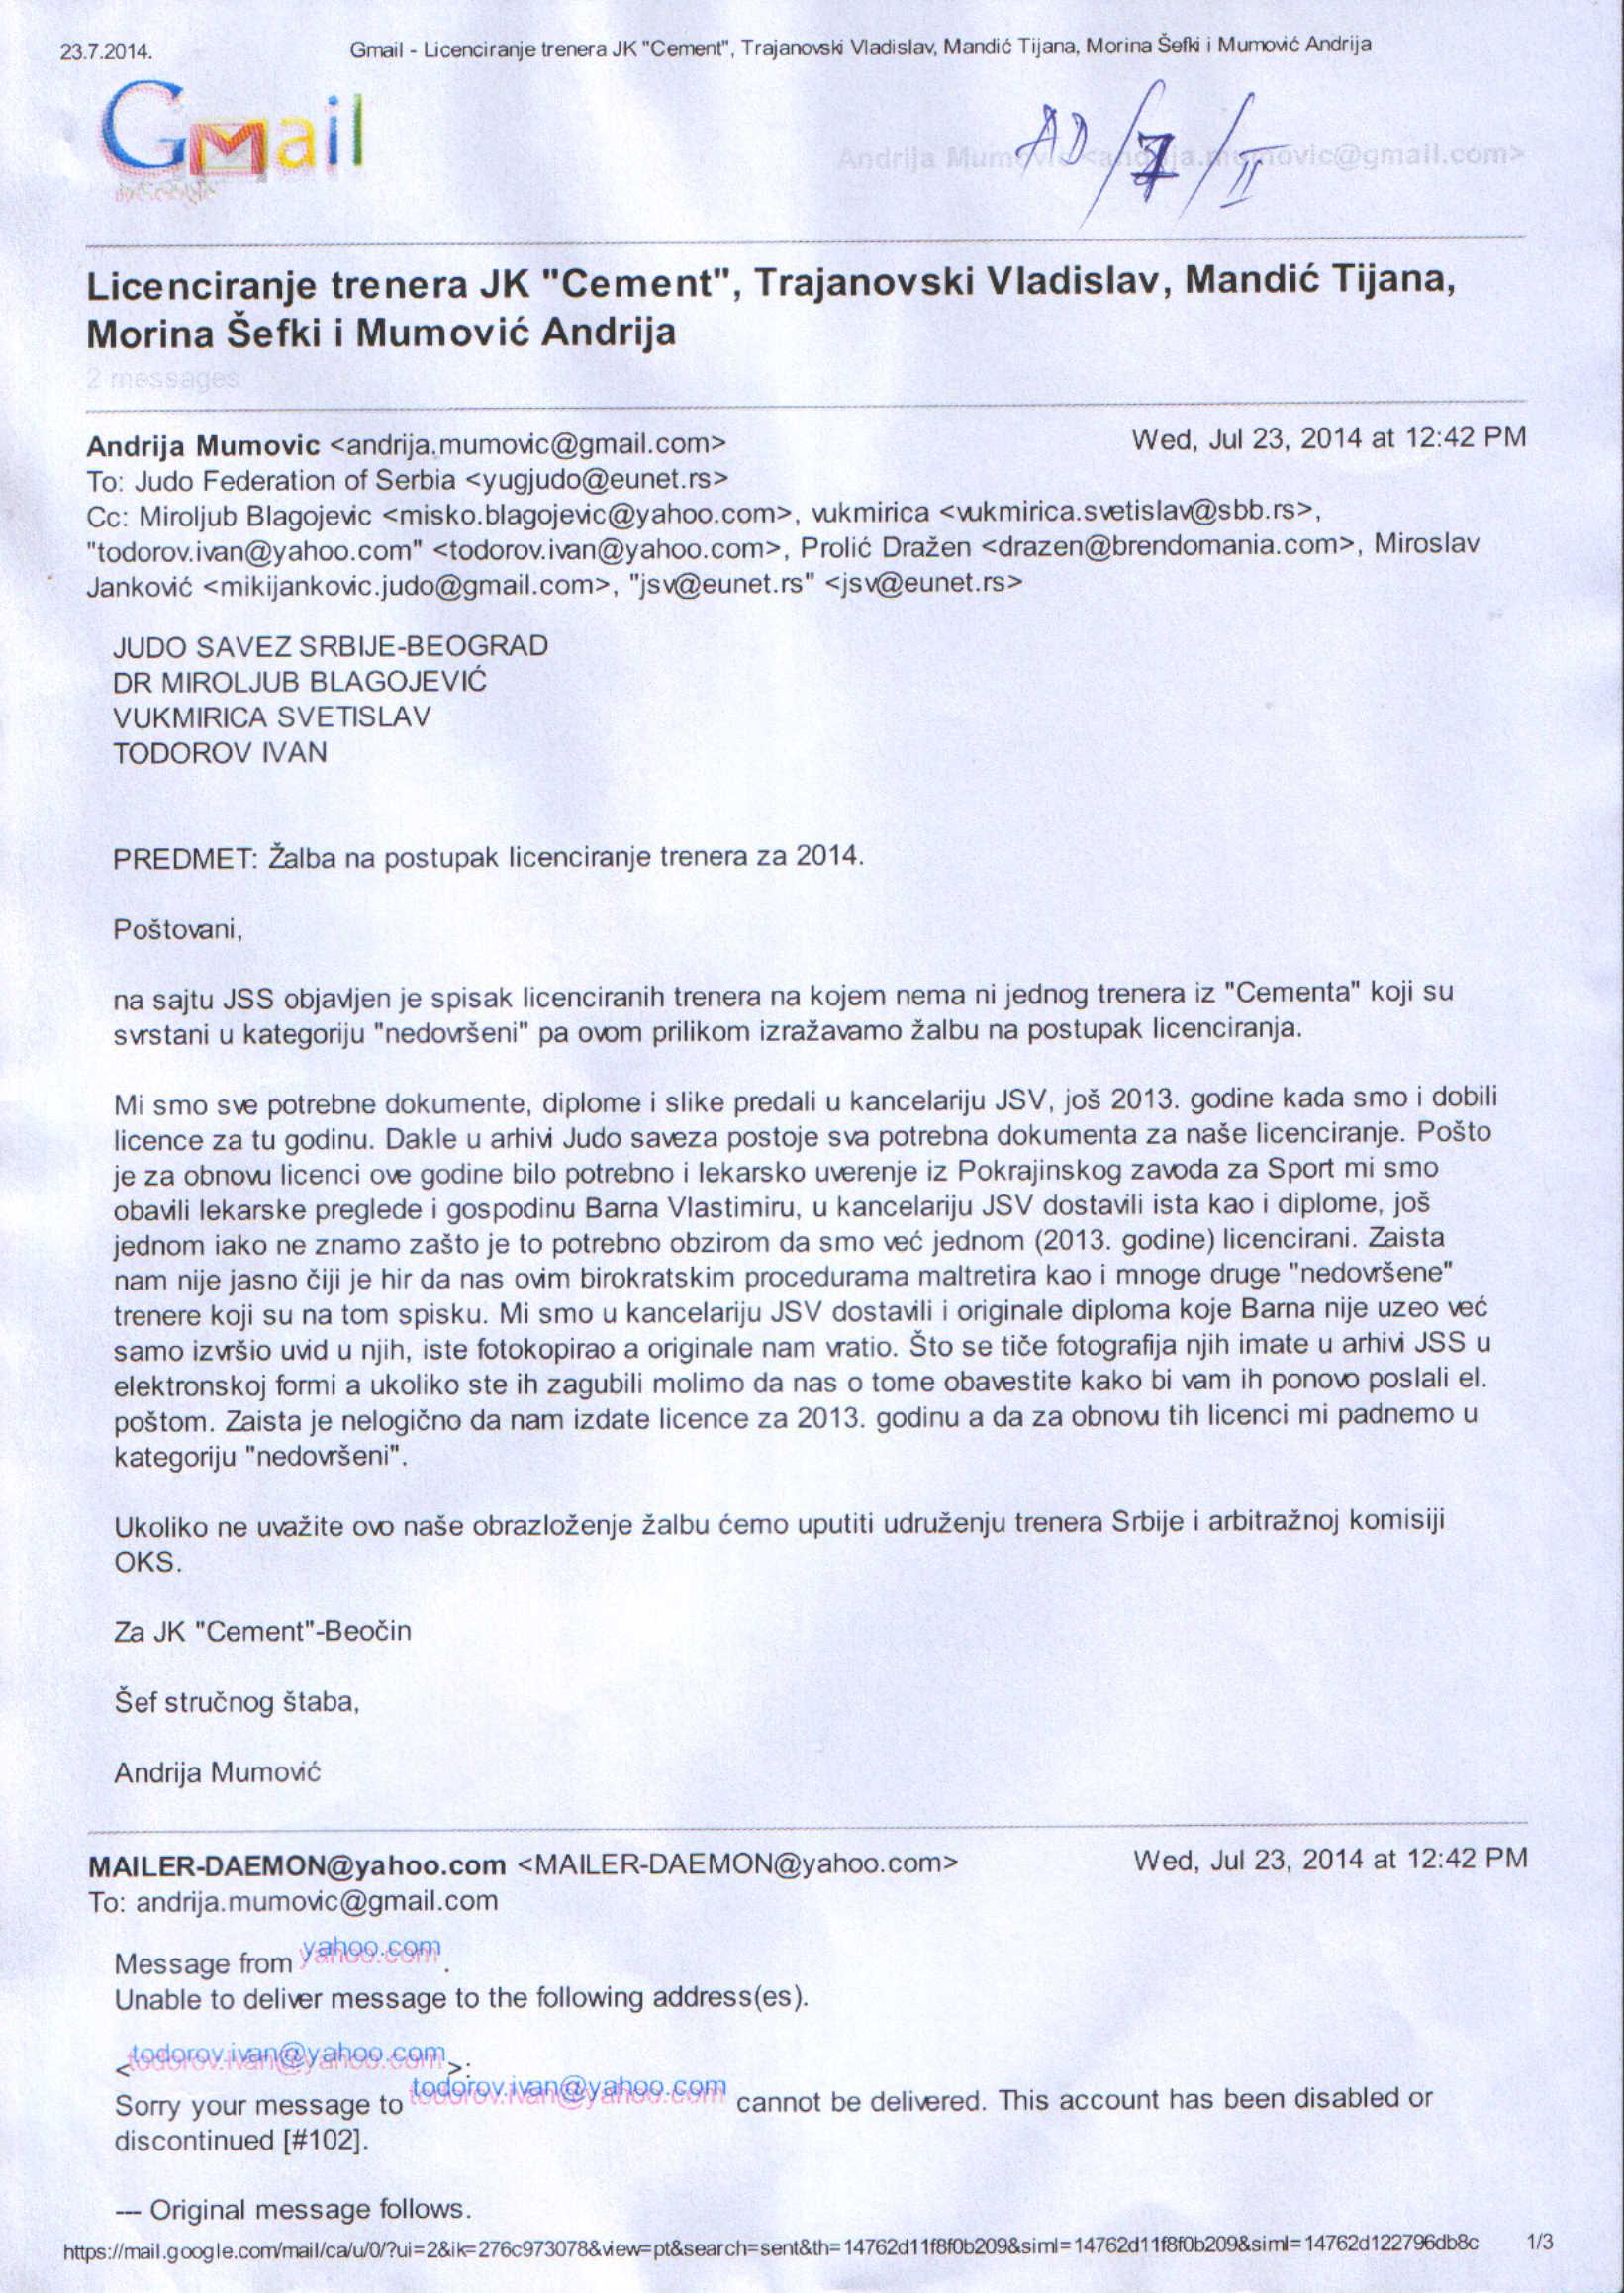 Žalba JSS na licenciranje trenera od 23.07.2014.